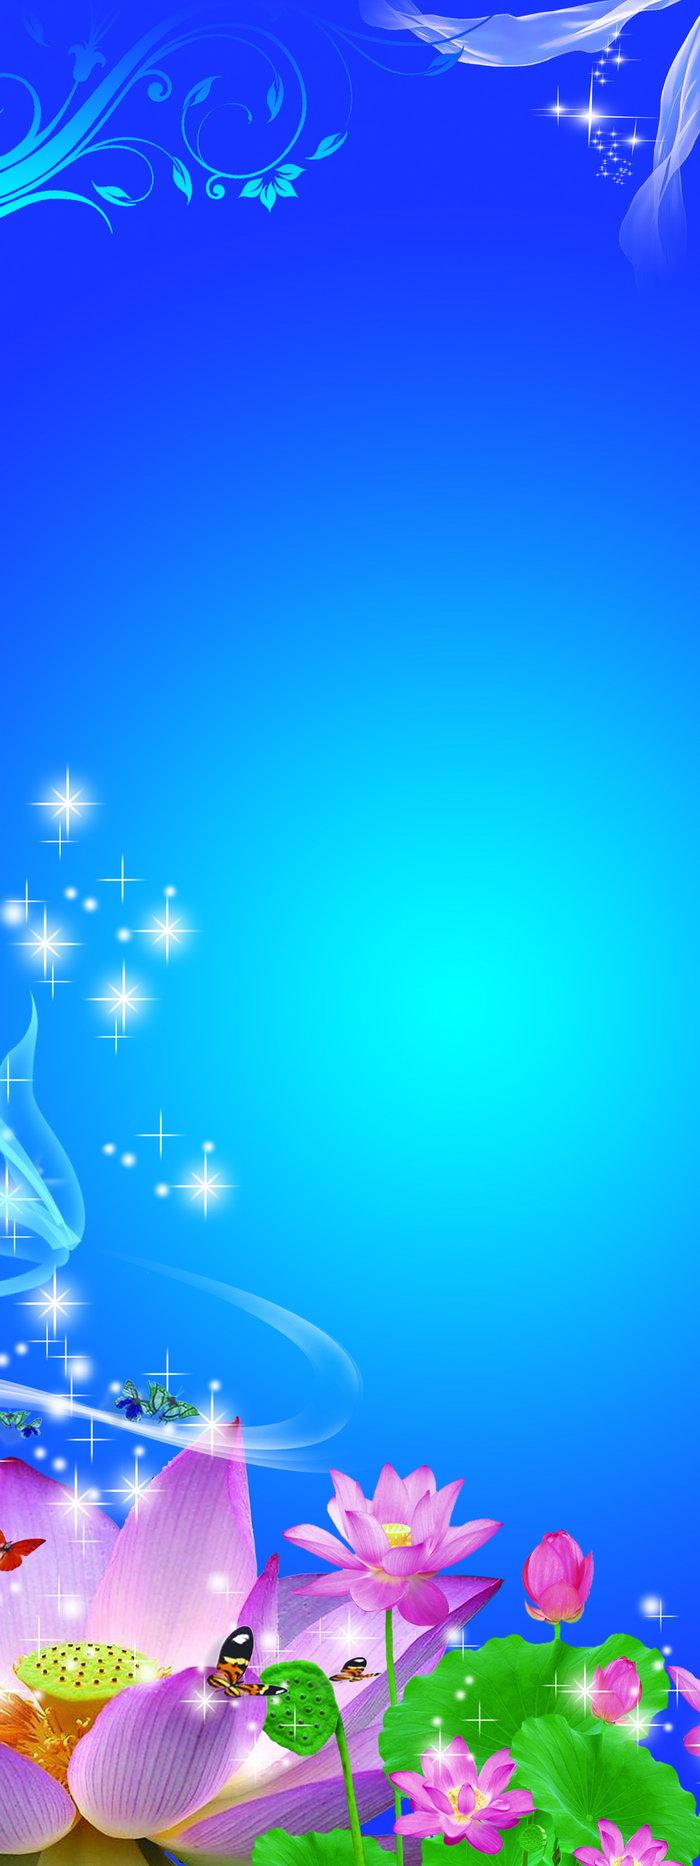 莲花蓝色背景图片,莲花蓝色背景,莲花蓝色展板背景,背景设计,底纹